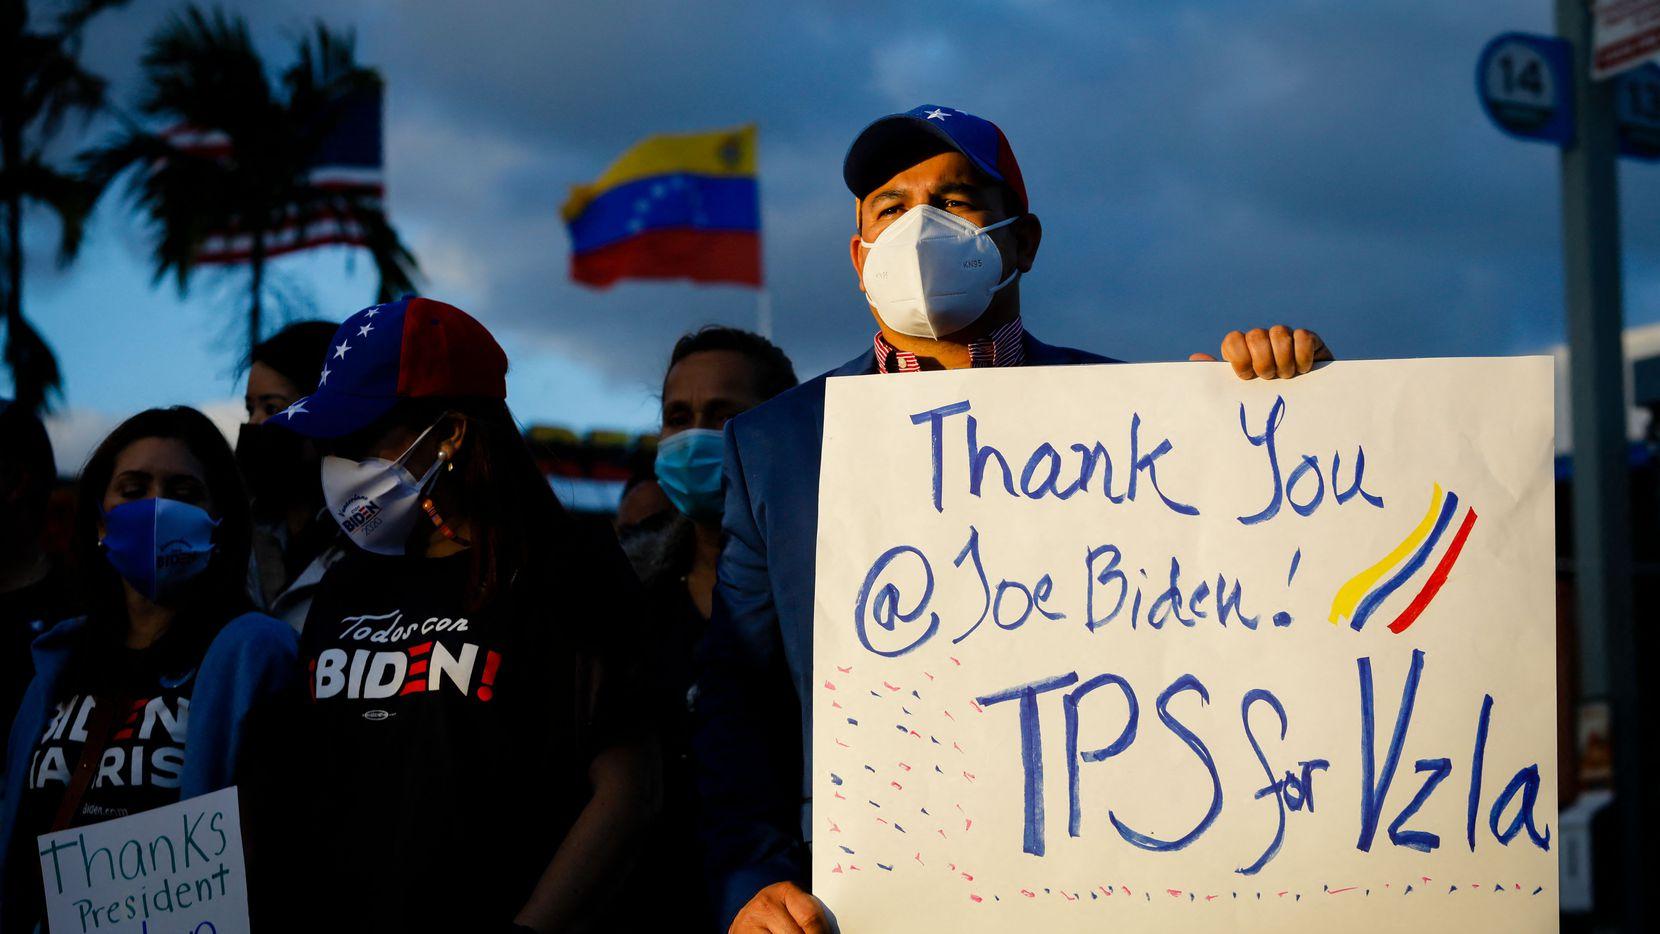 En Miami, grupos de venezolanos celebraron el anuncio de TPS (estatus de protección temporal) para los ciudadanos de este país.